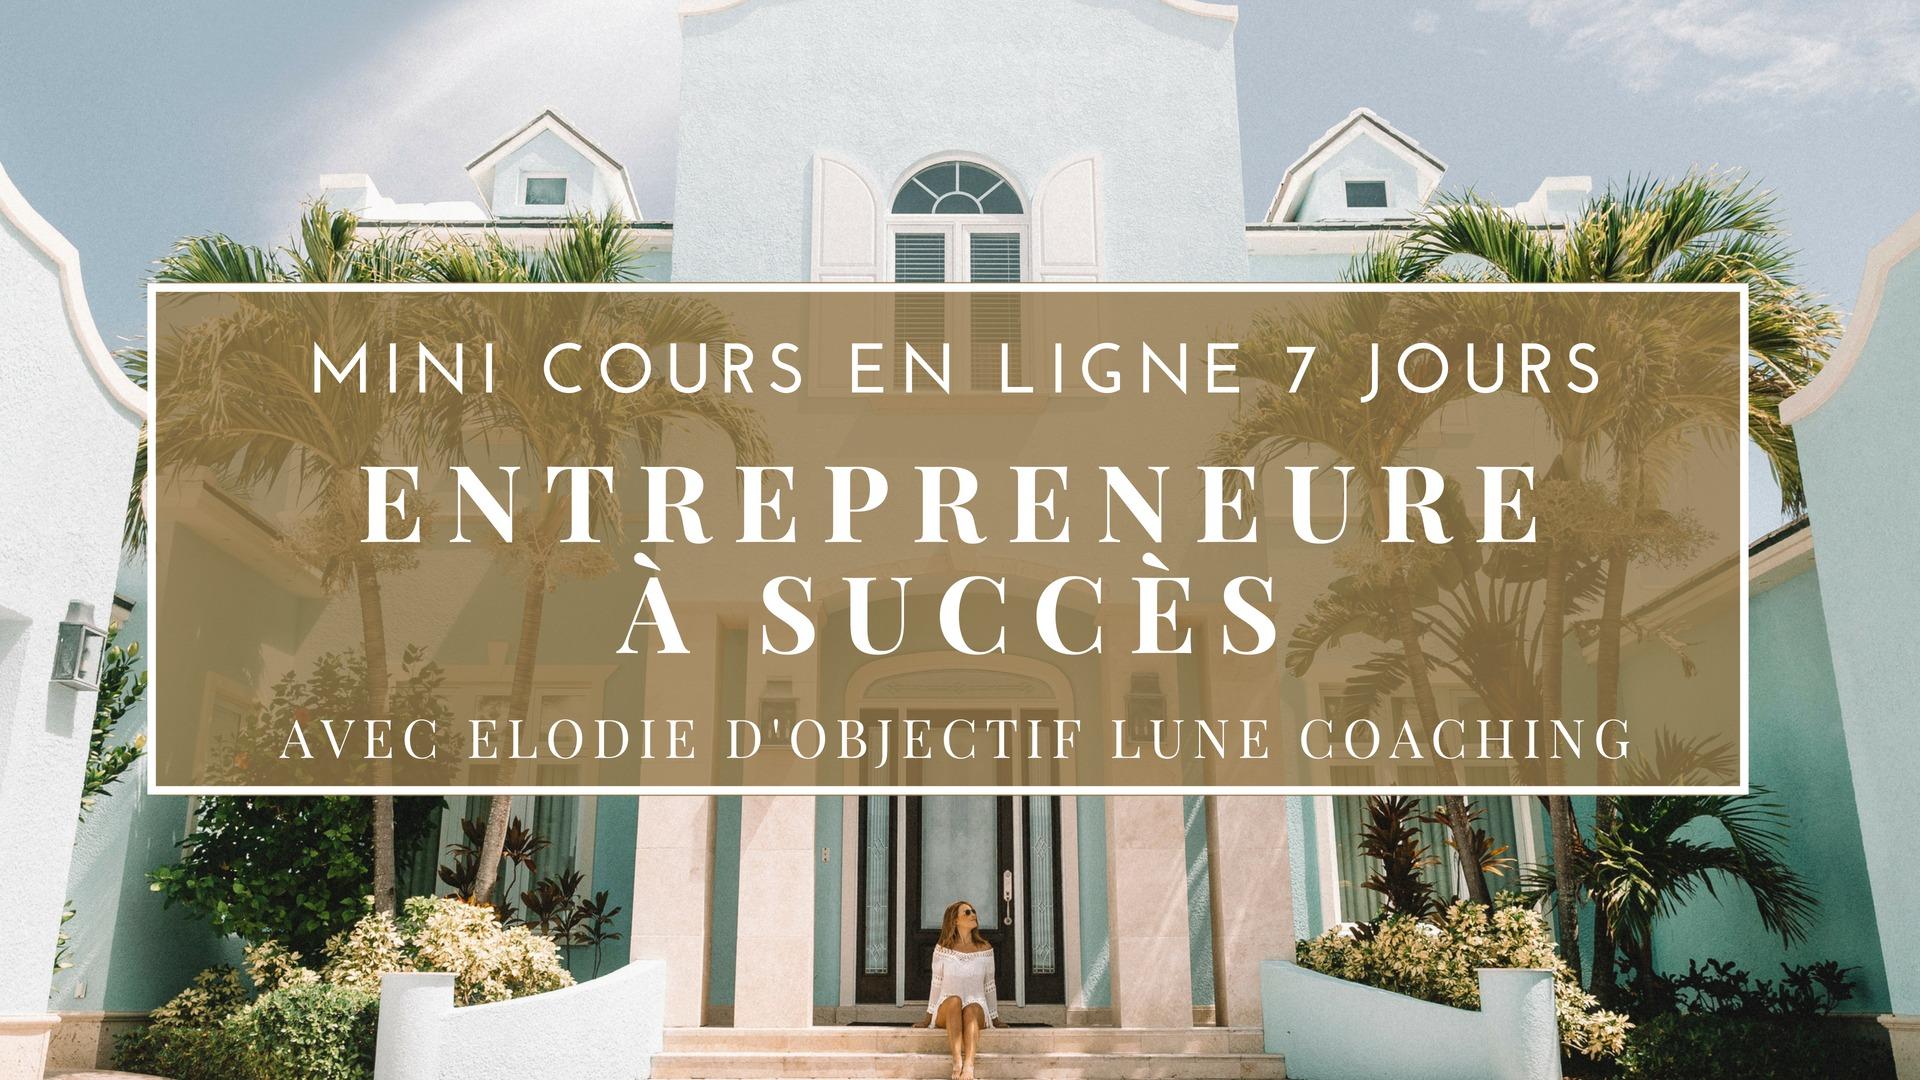 """Mini cours gratuit """"Entrepreneure à Succès"""""""